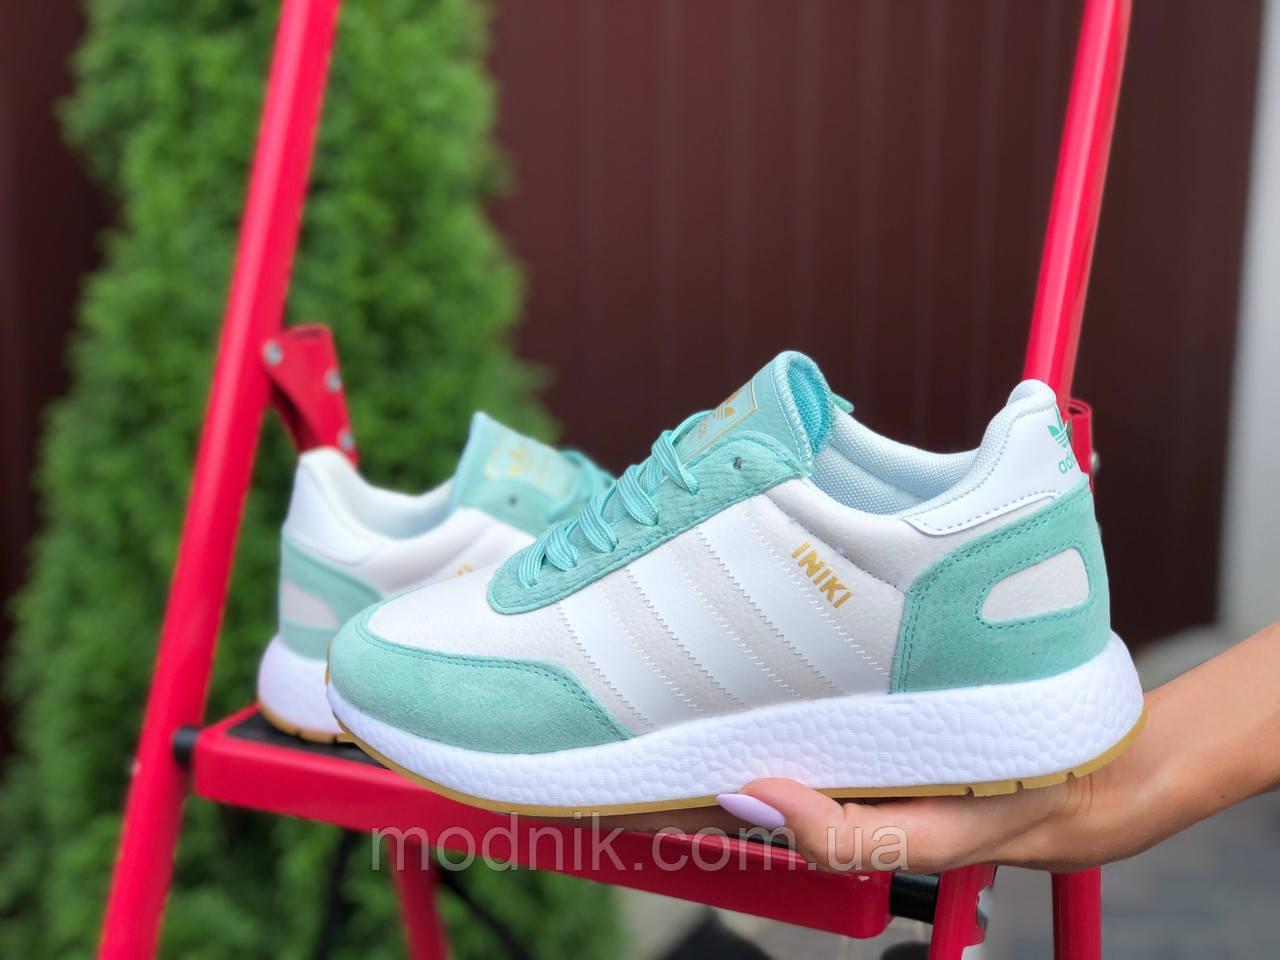 Женские кроссовки Adidas Iniki (бело-мятные) 9777